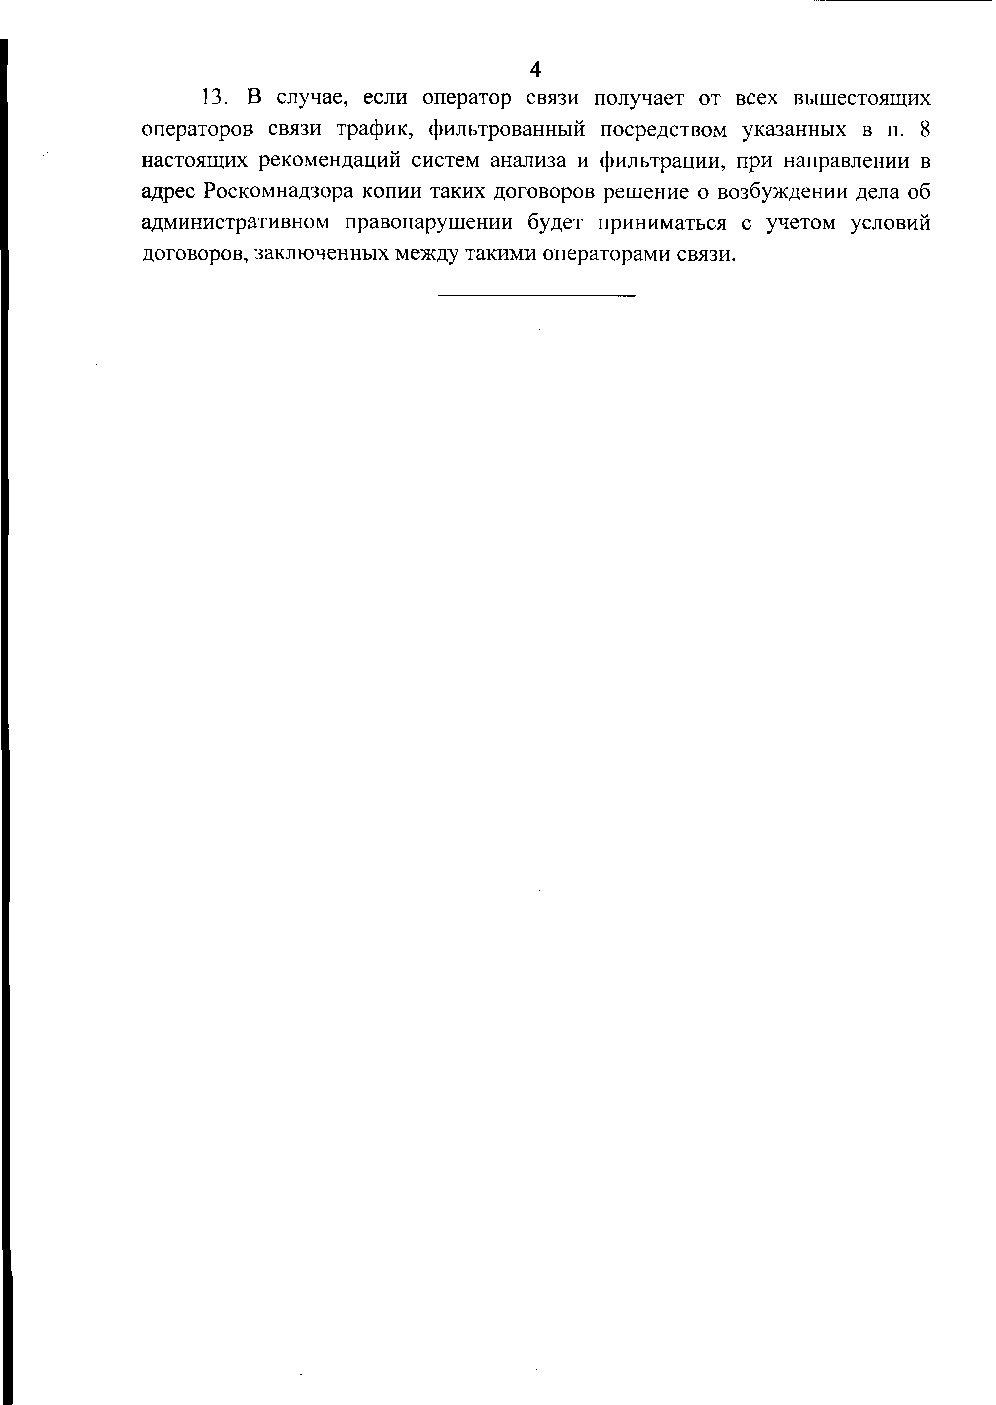 Новые рекомендации по ограничению доступа от «Роскомнадзора» - 7